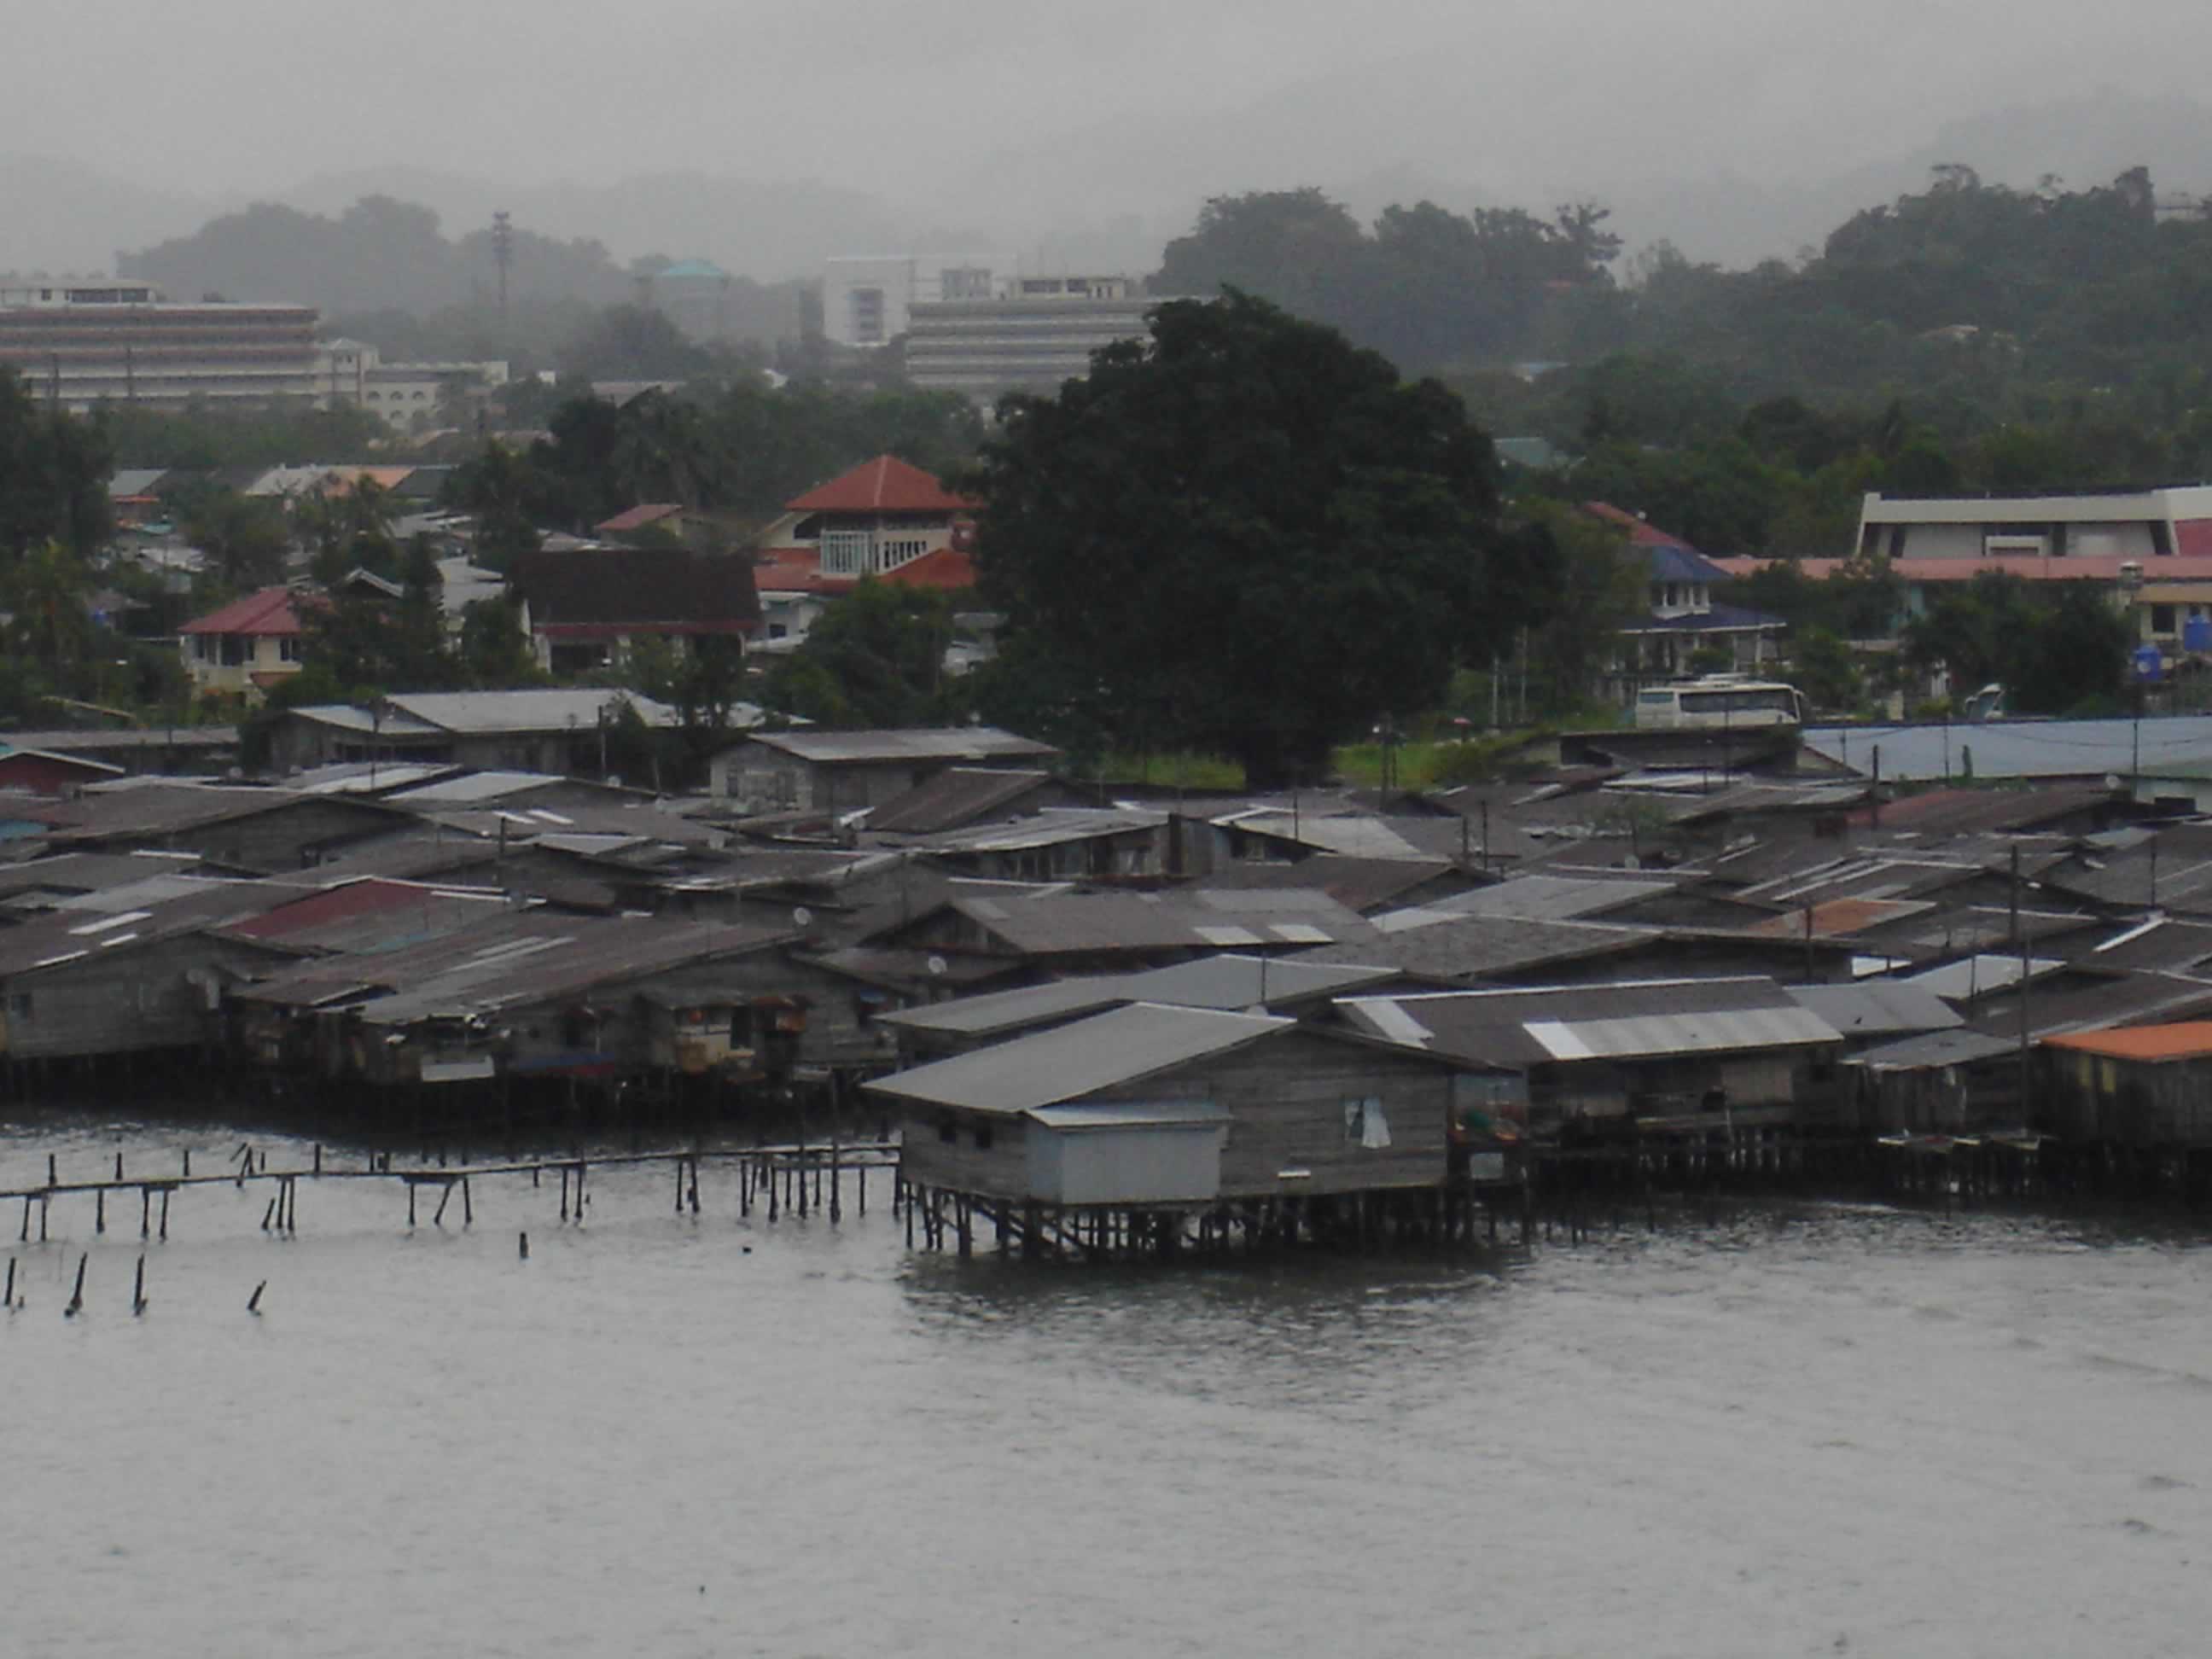 Water Village in Borneo